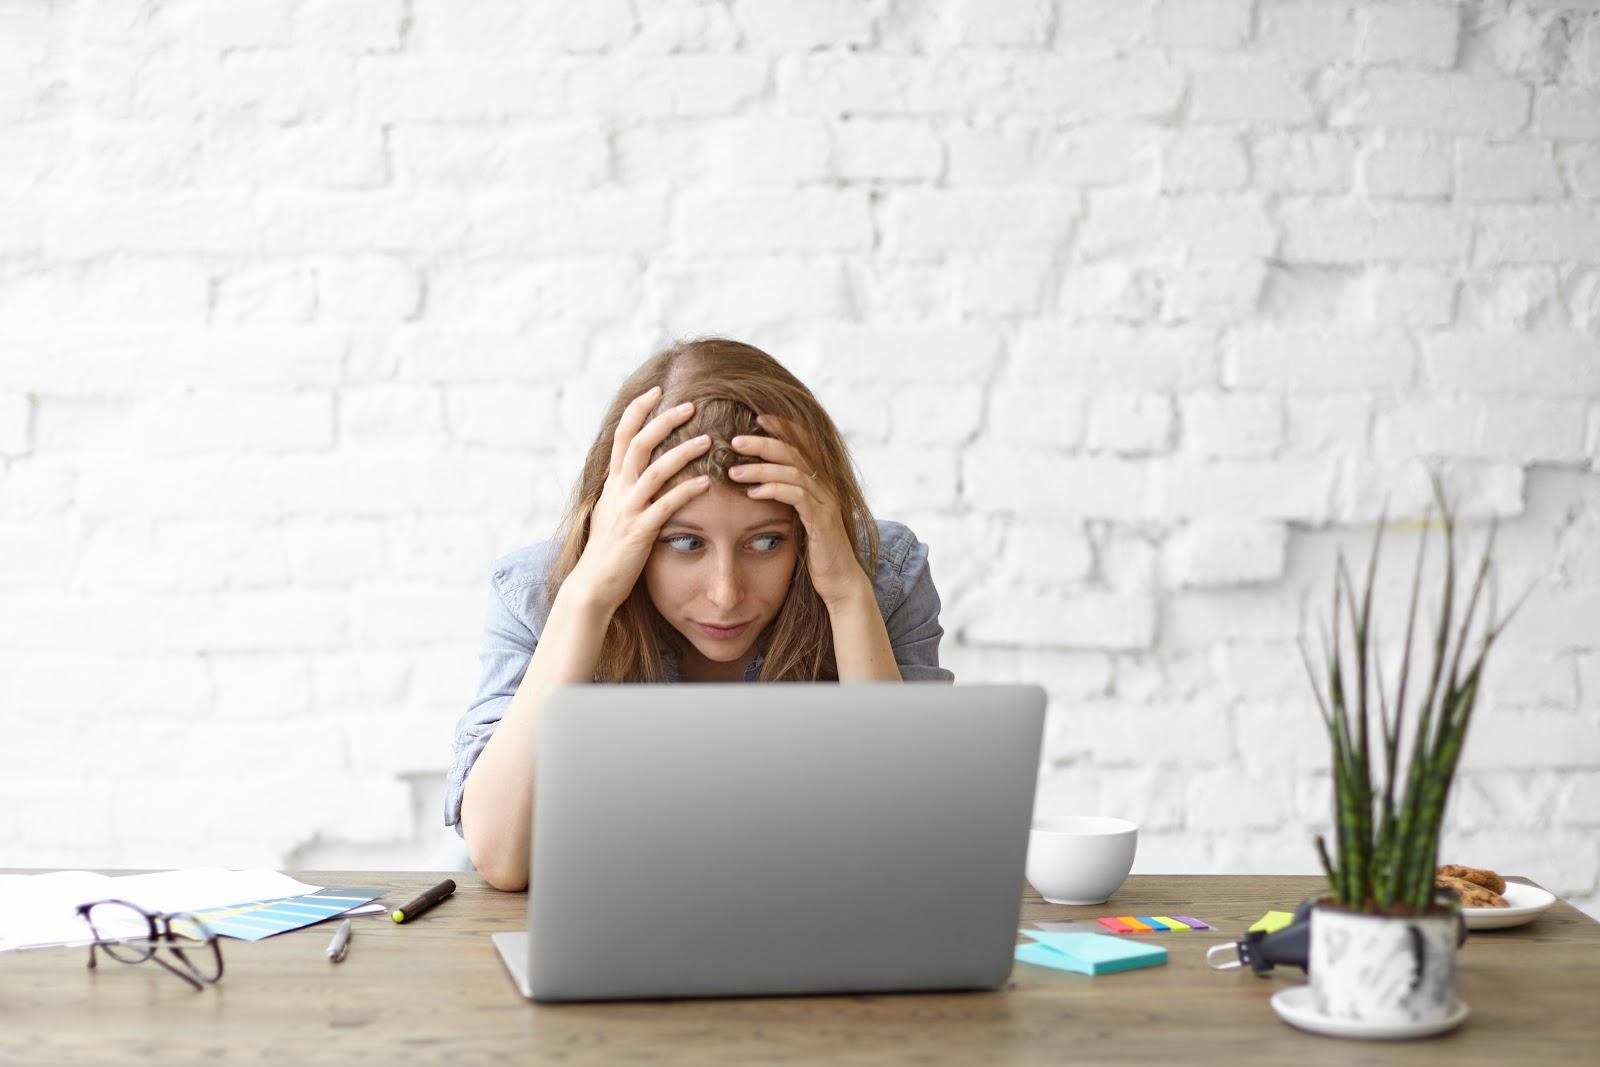 Woman crouching behind laptop